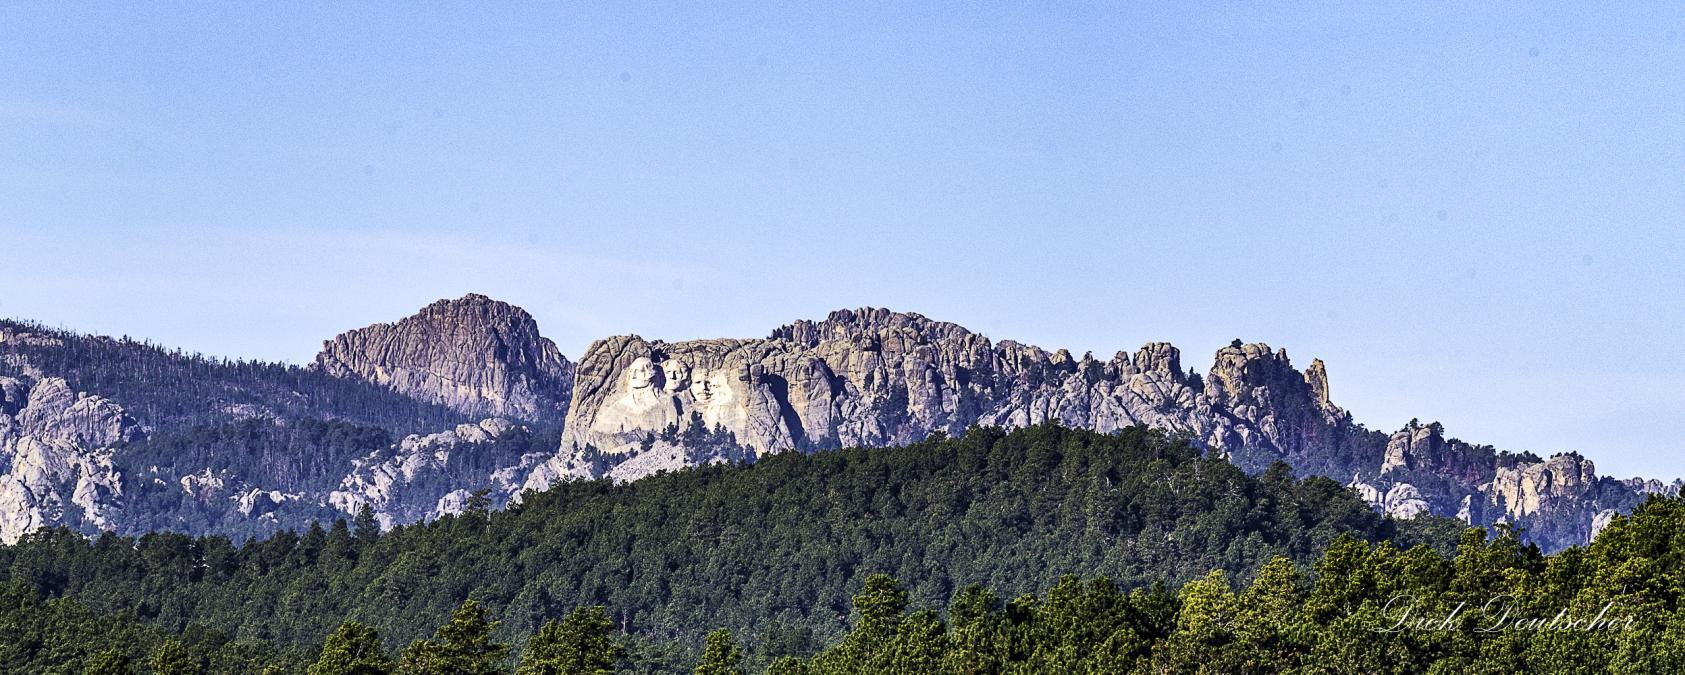 Mt. Rushmore Panorama